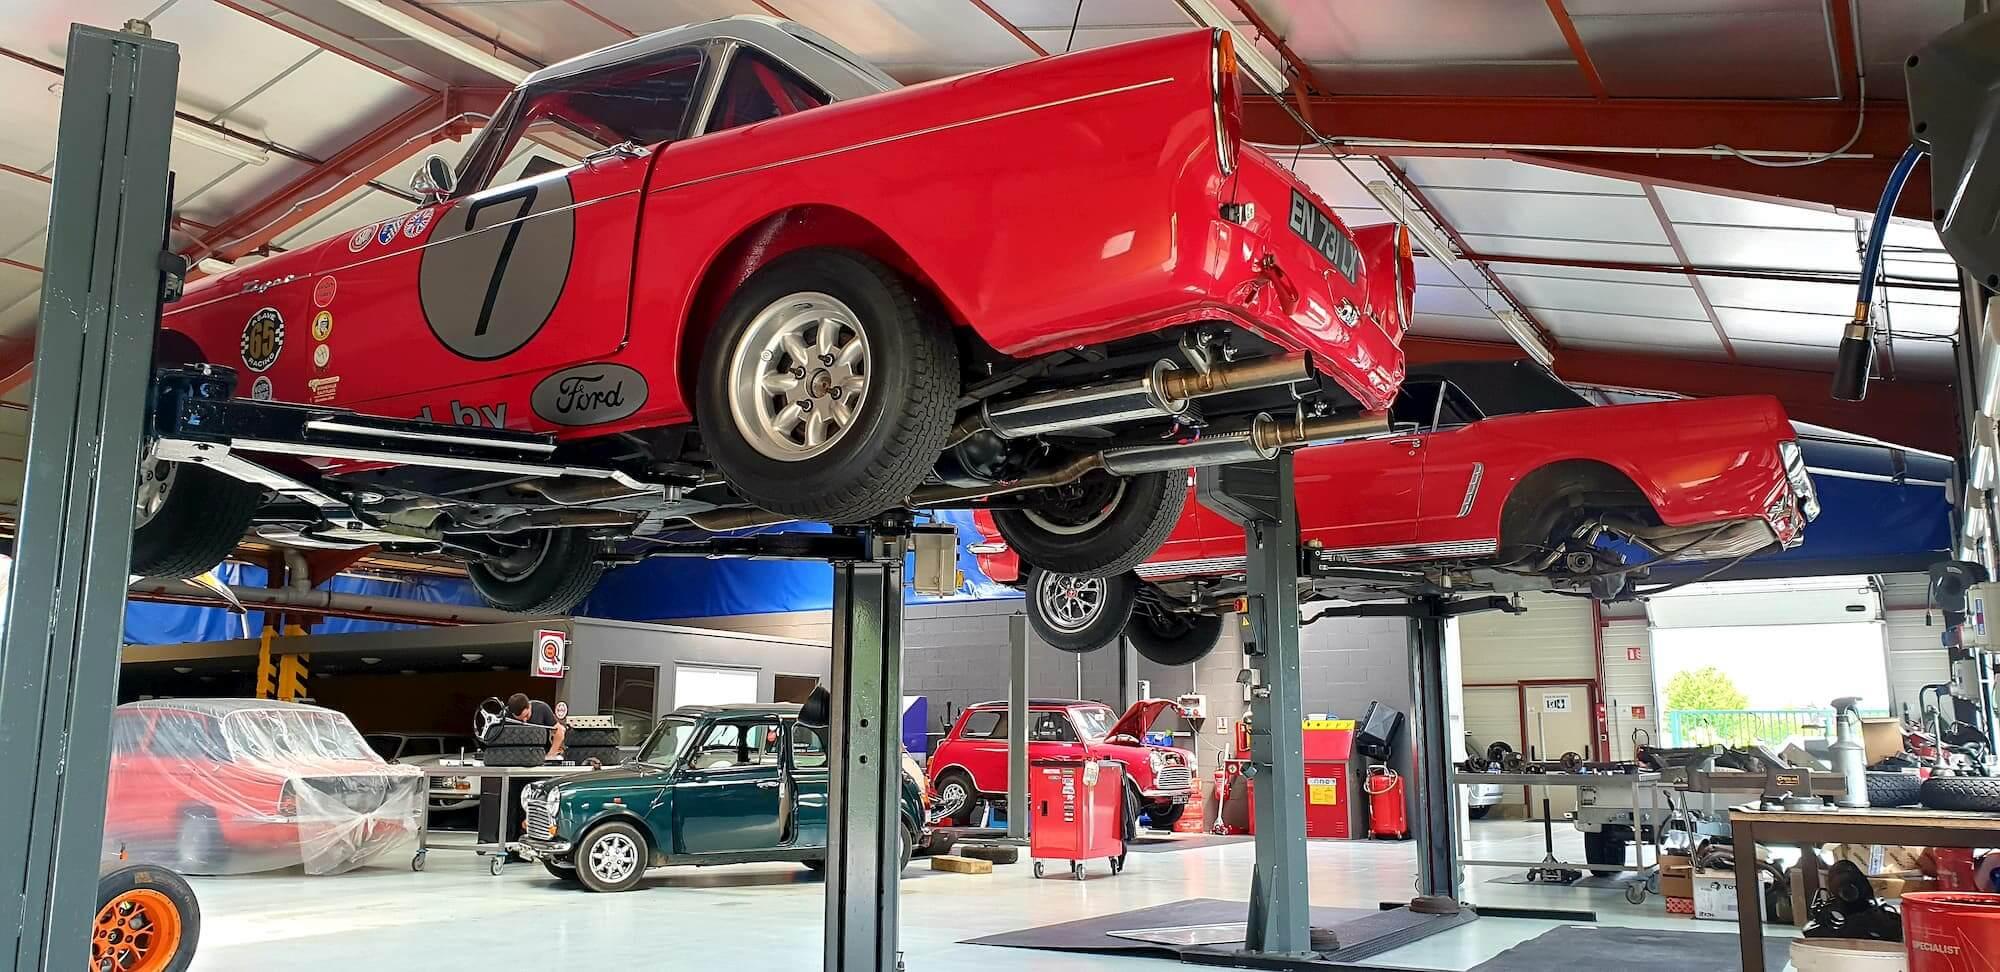 Sunbeam Tiger - Ford V8 - Old british cars - Restauration voiture de collection